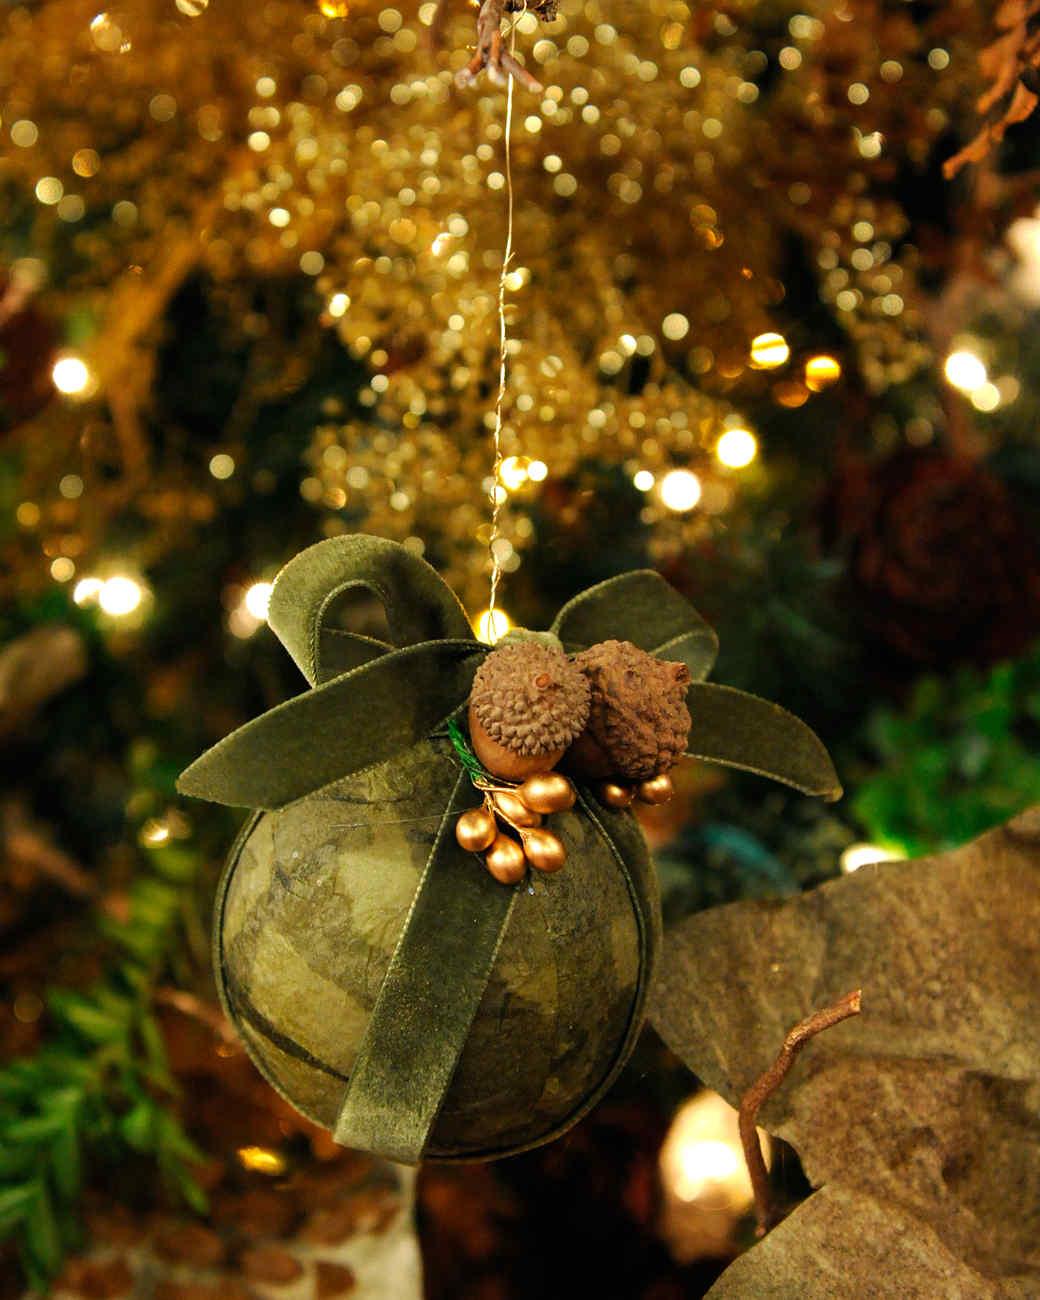 tissue-paper-ornament-mslb7053.jpg